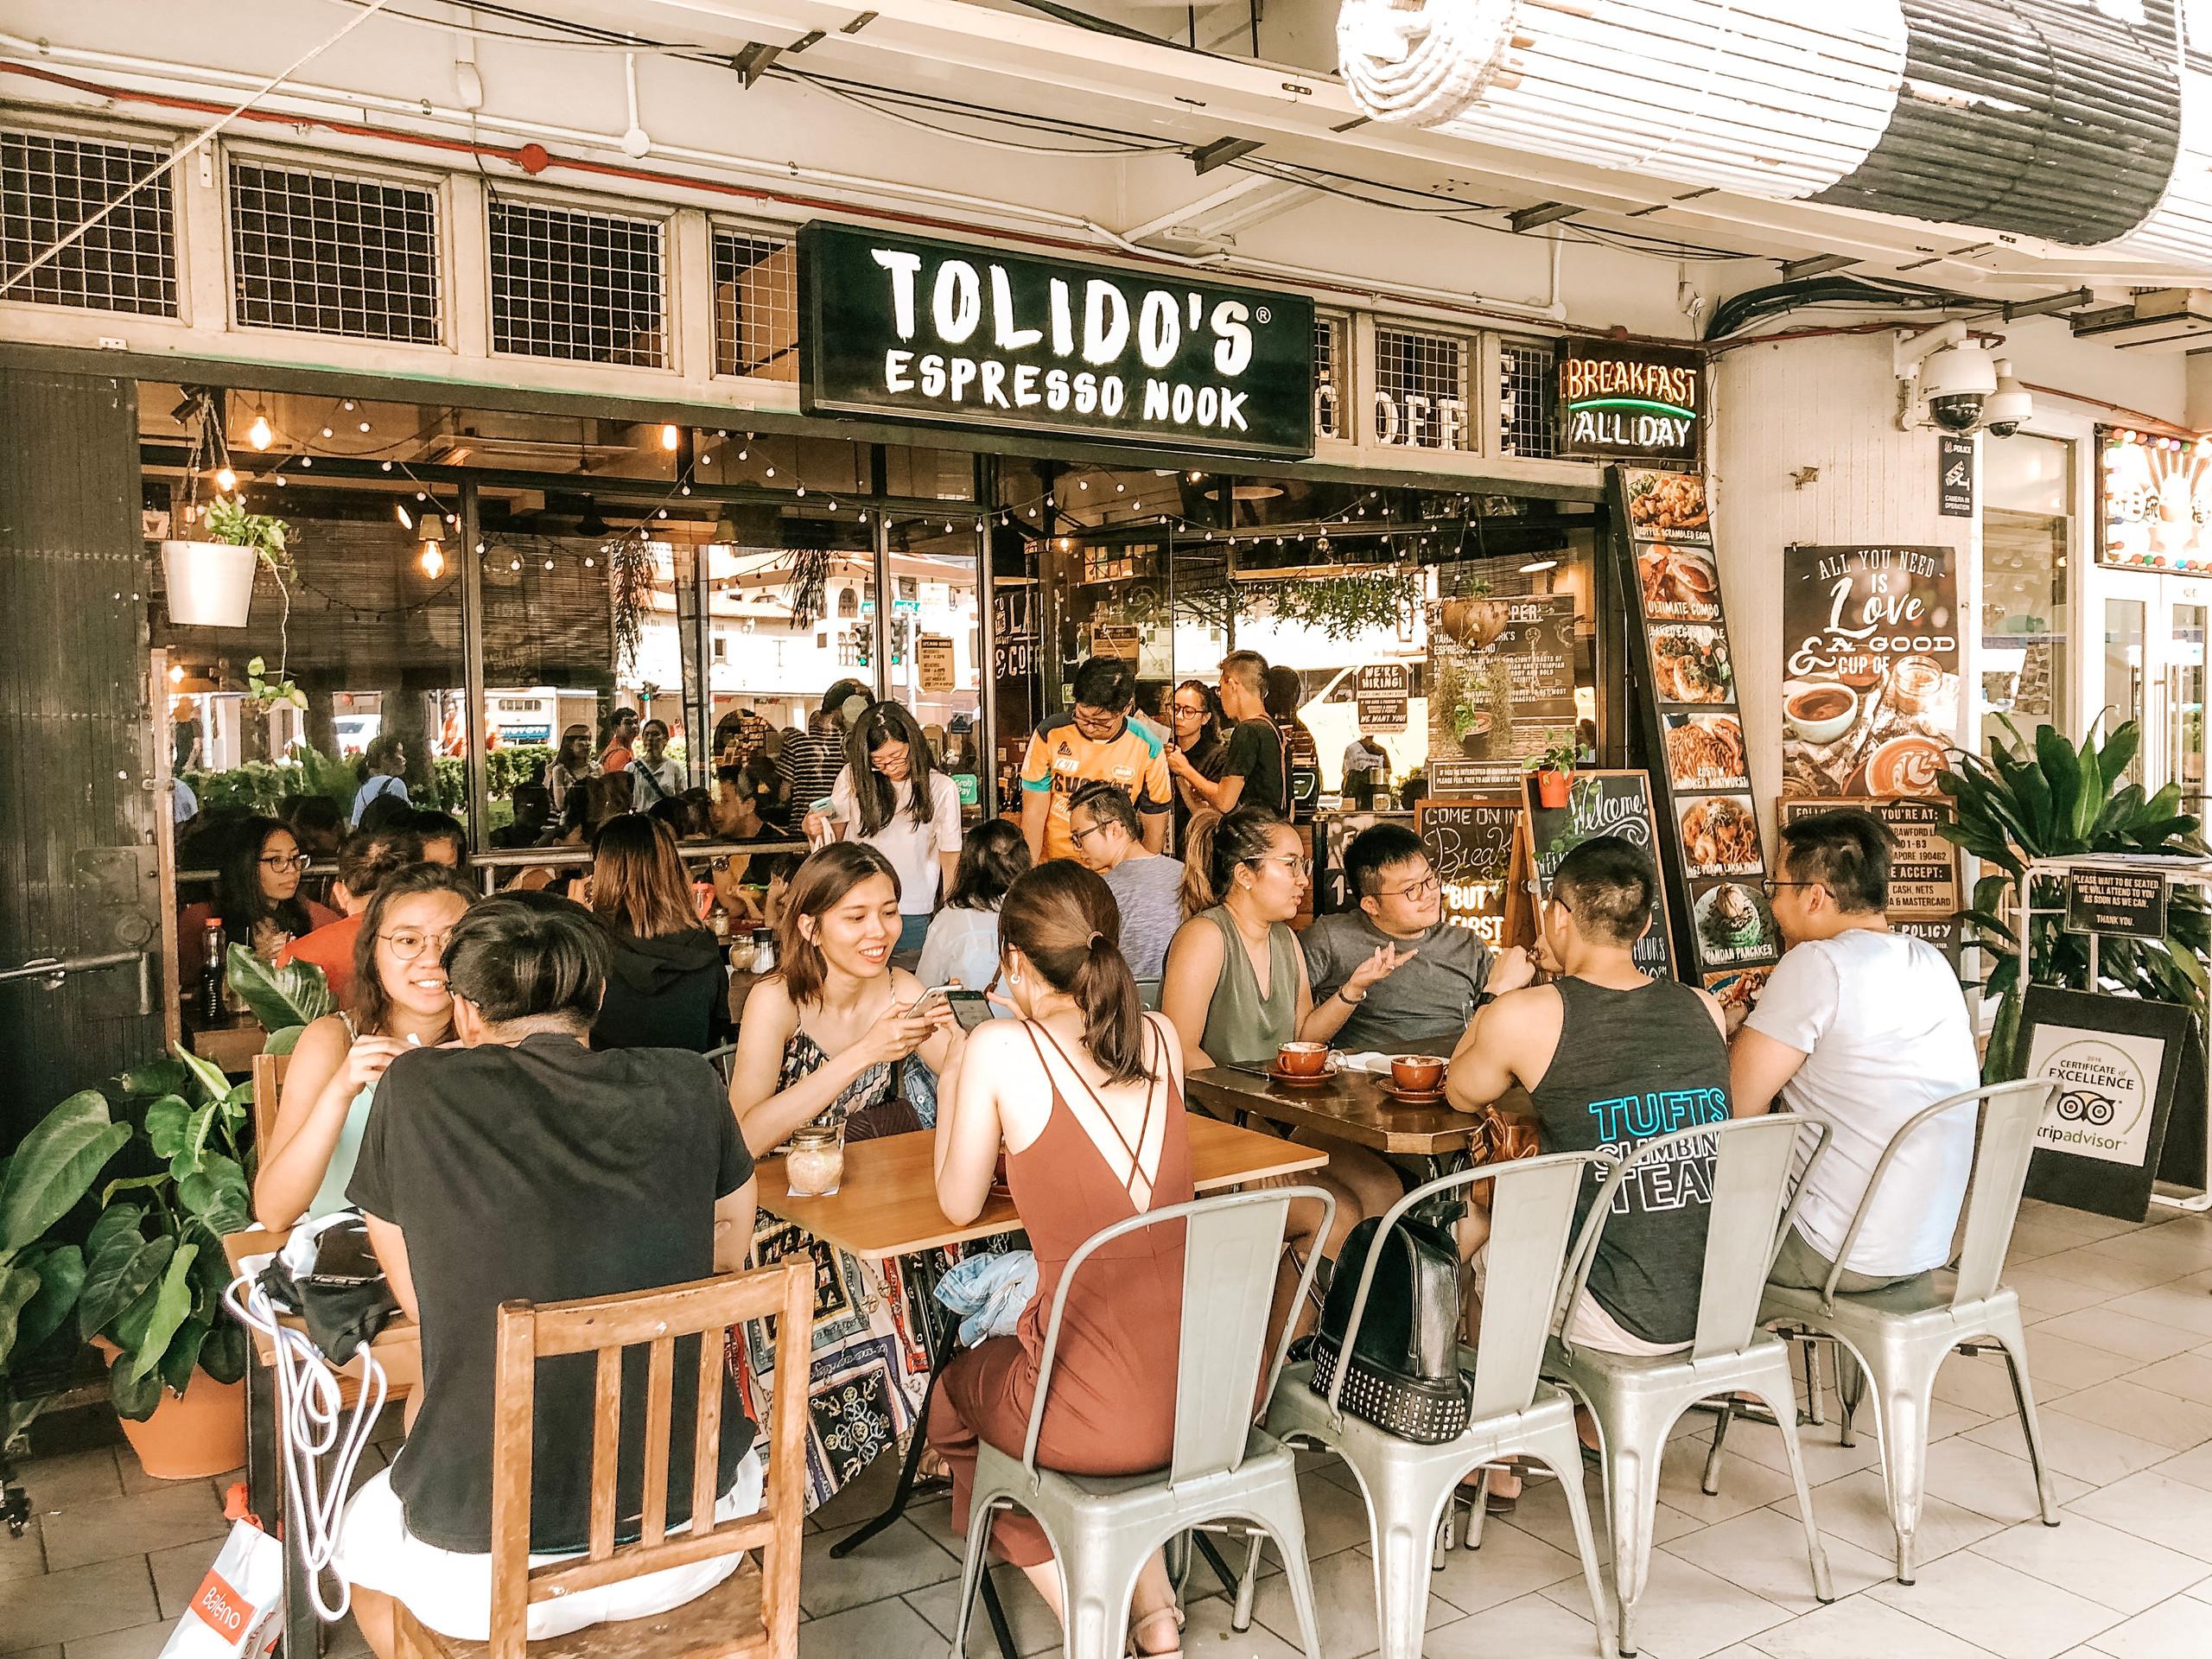 Tolido's Espresso Nook Singapore best brunch coffee